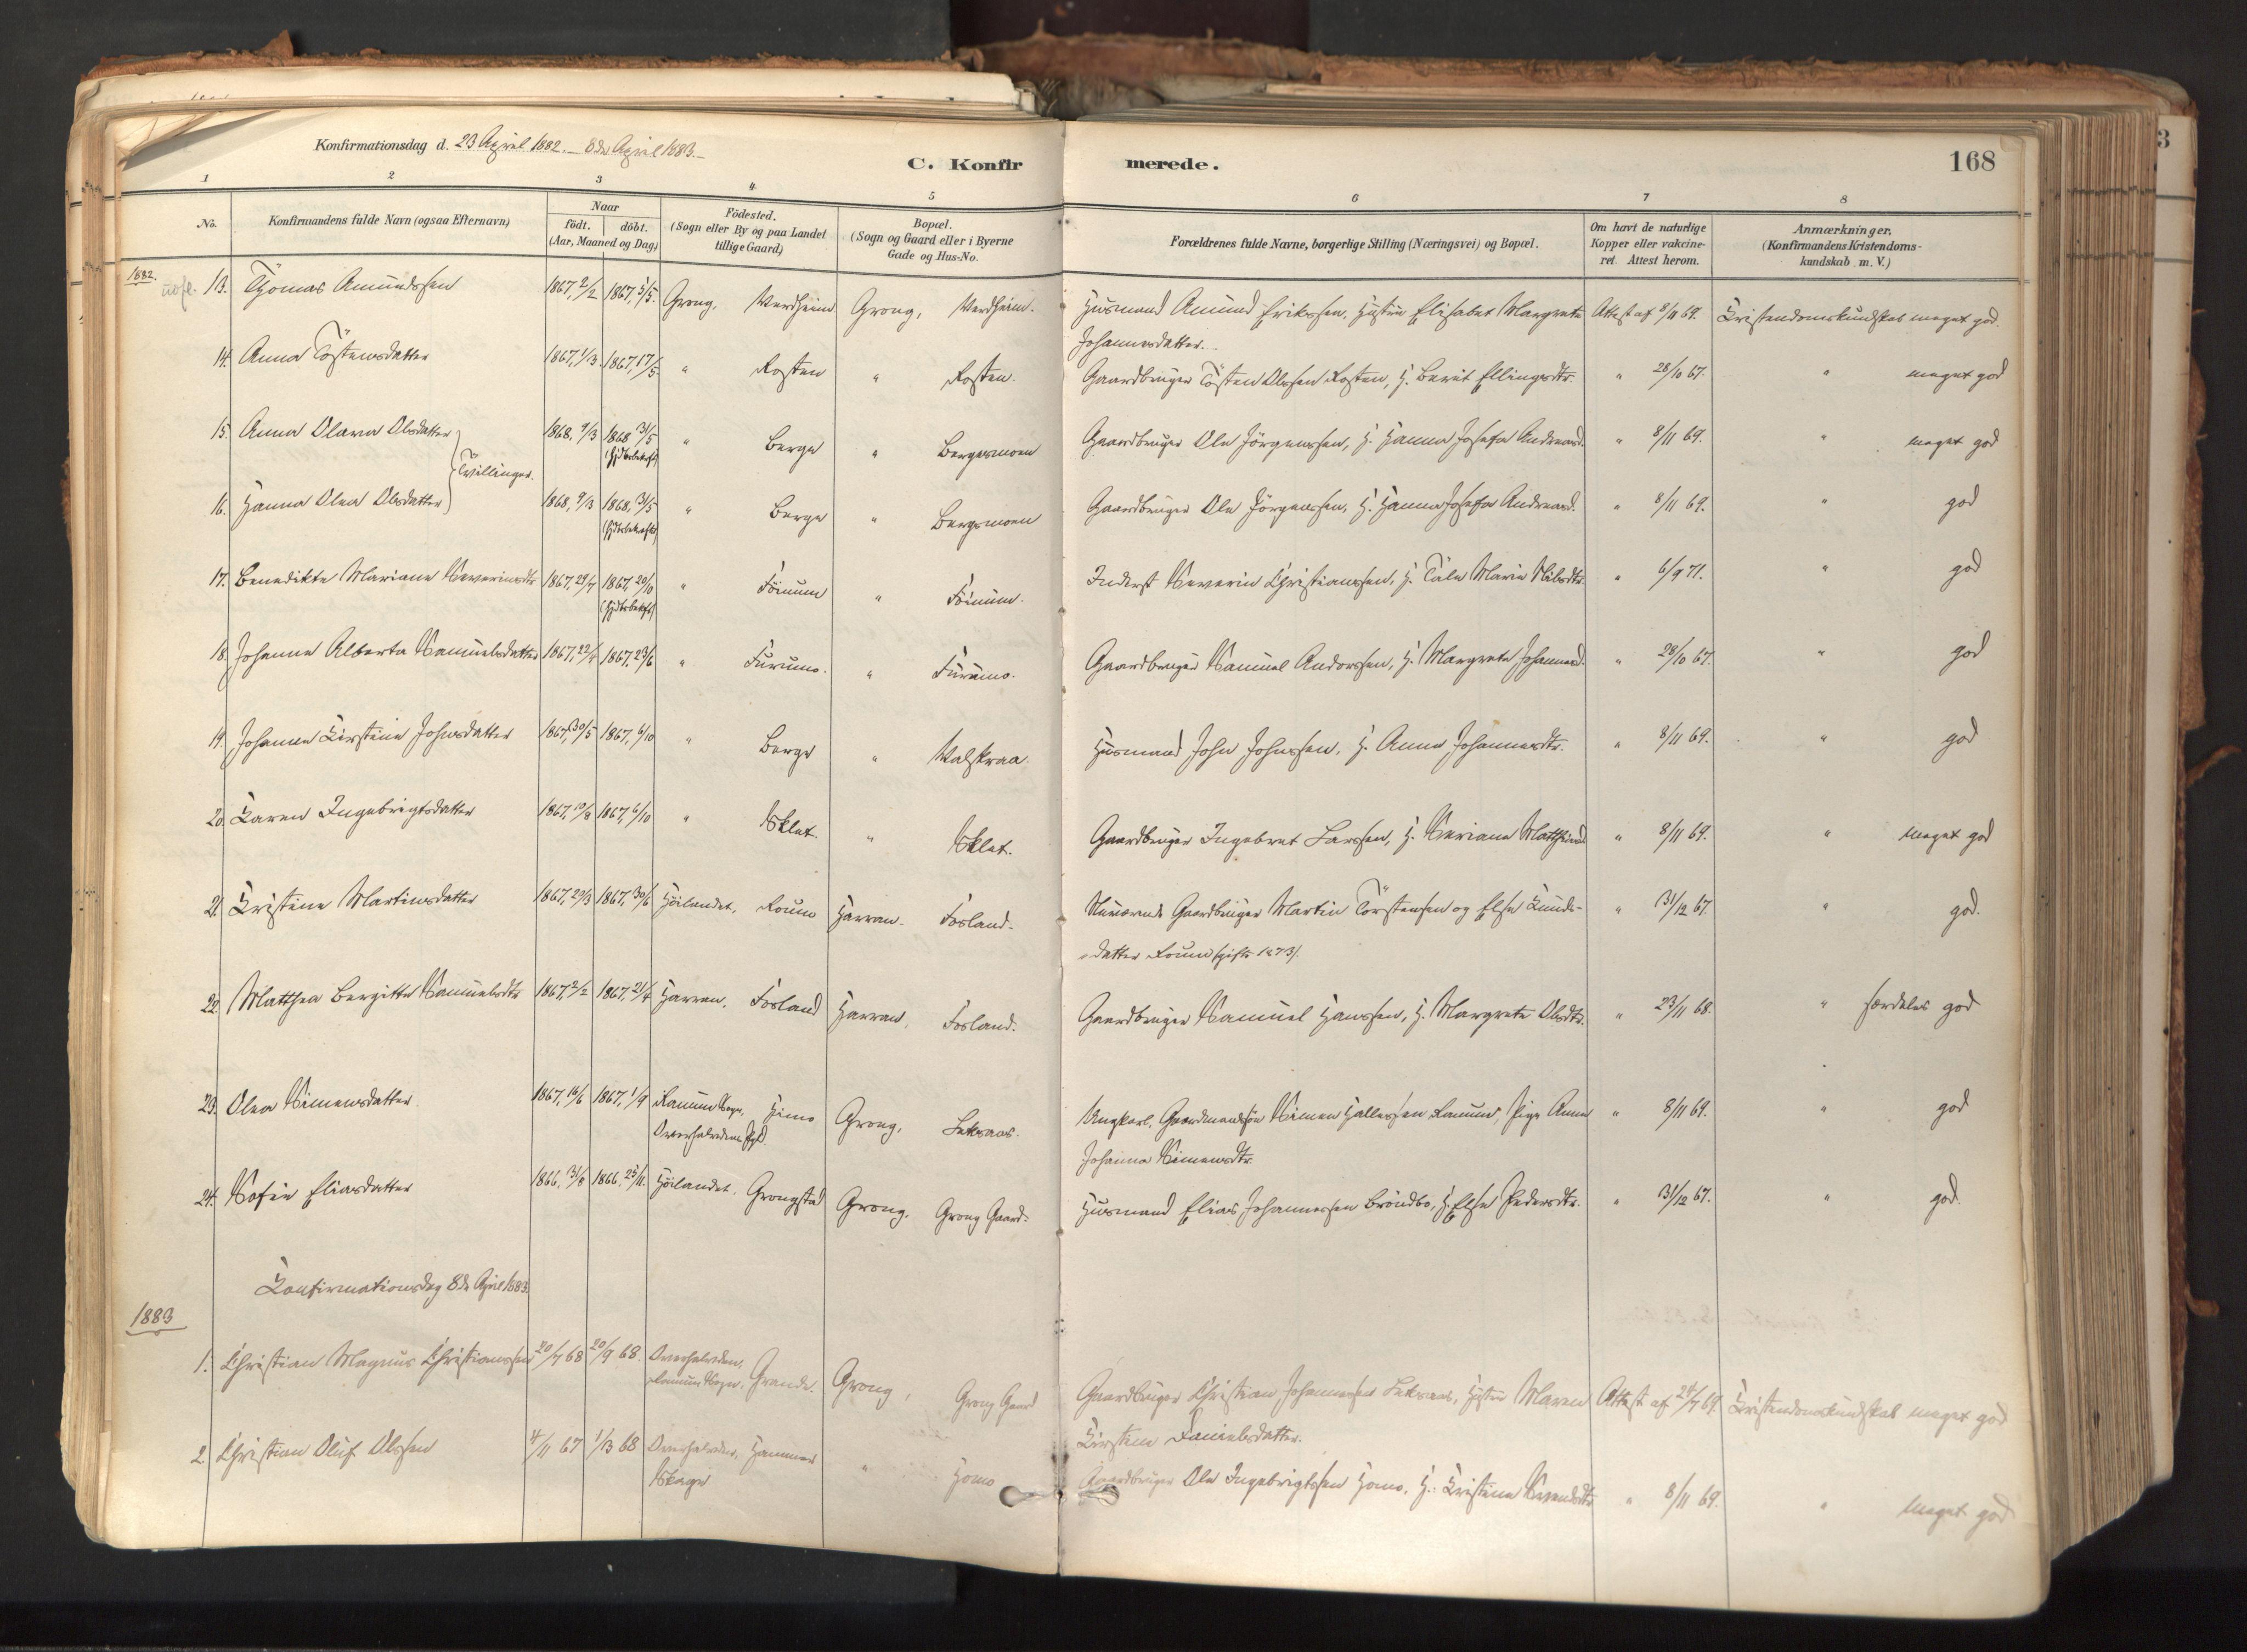 SAT, Ministerialprotokoller, klokkerbøker og fødselsregistre - Nord-Trøndelag, 758/L0519: Ministerialbok nr. 758A04, 1880-1926, s. 168